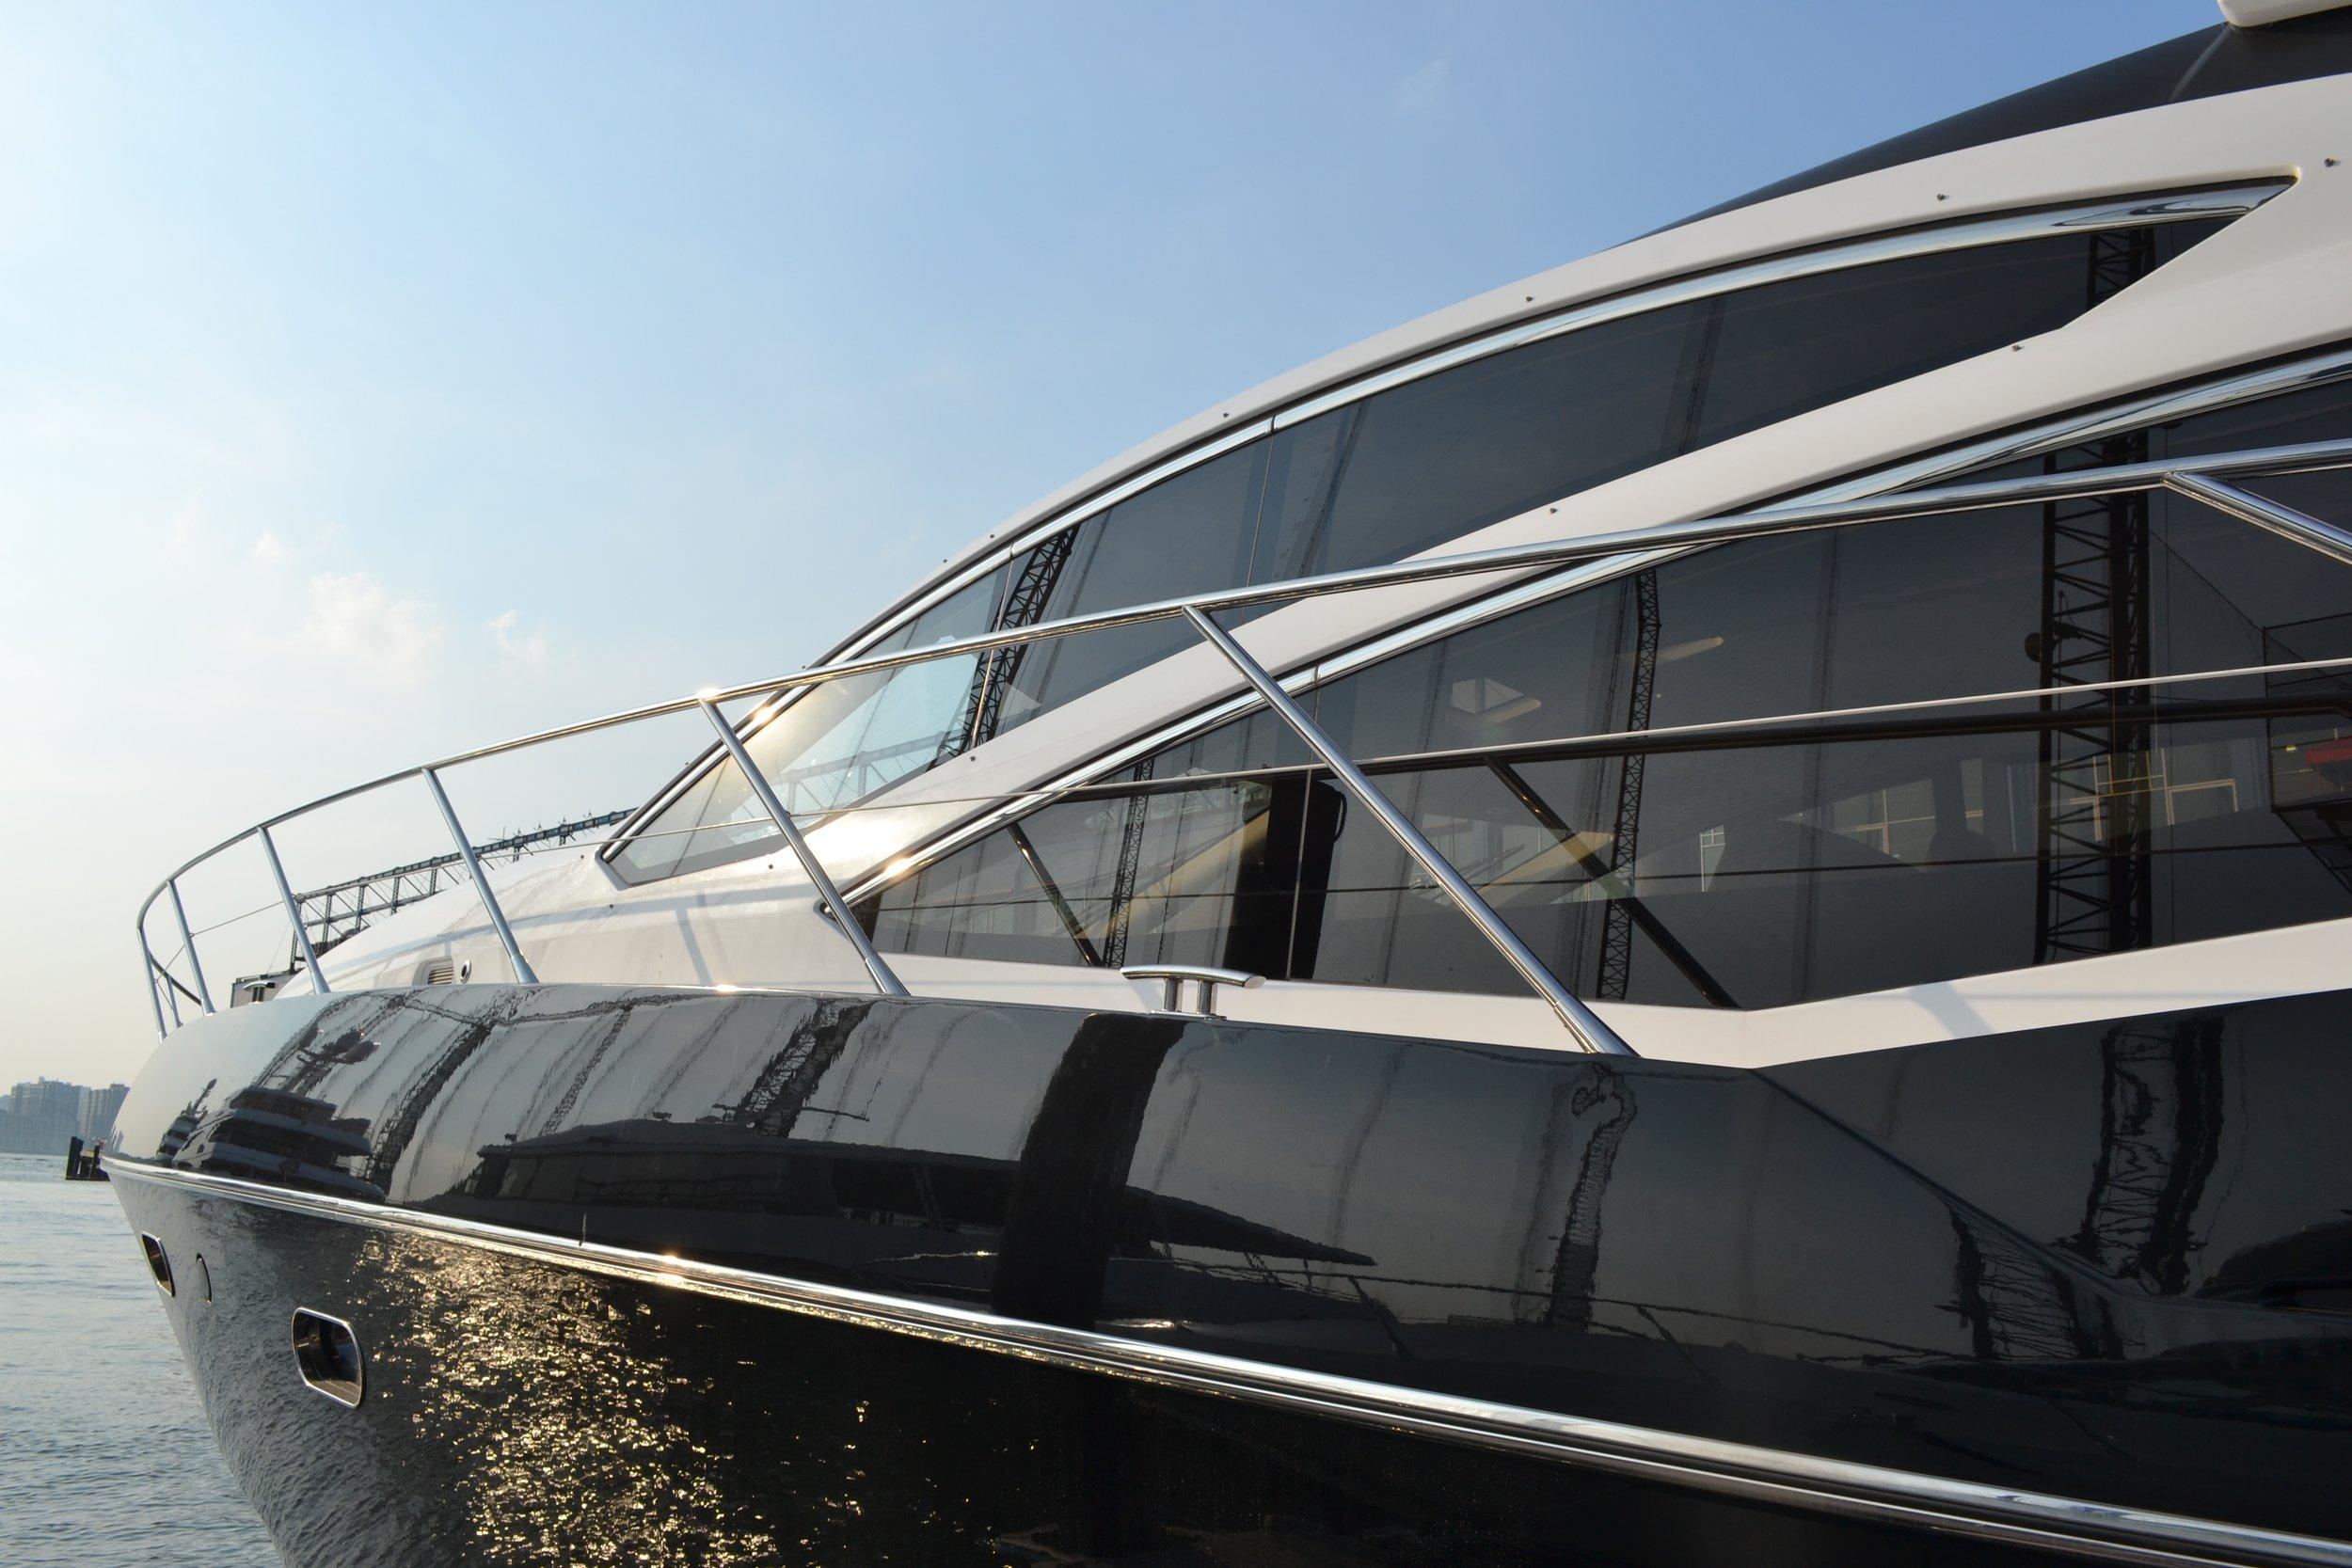 Sunseeker luxury yacht.